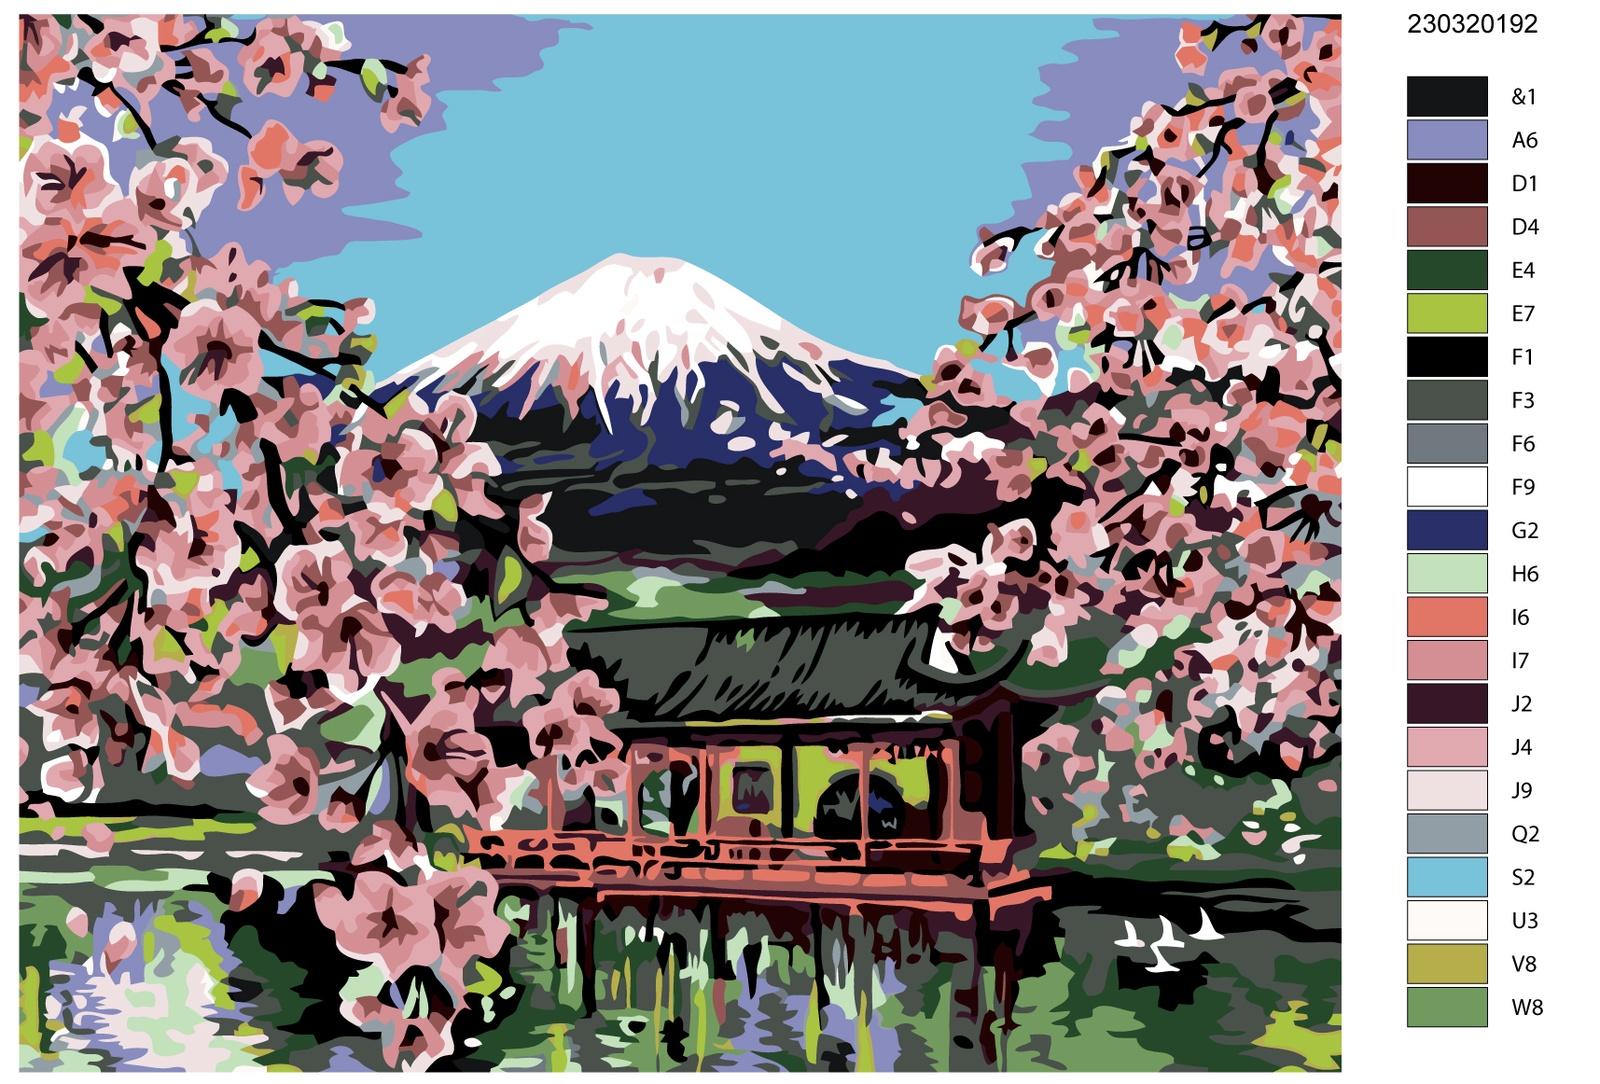 Картина по номерам, 80 x 100 см, AYAY-23032019